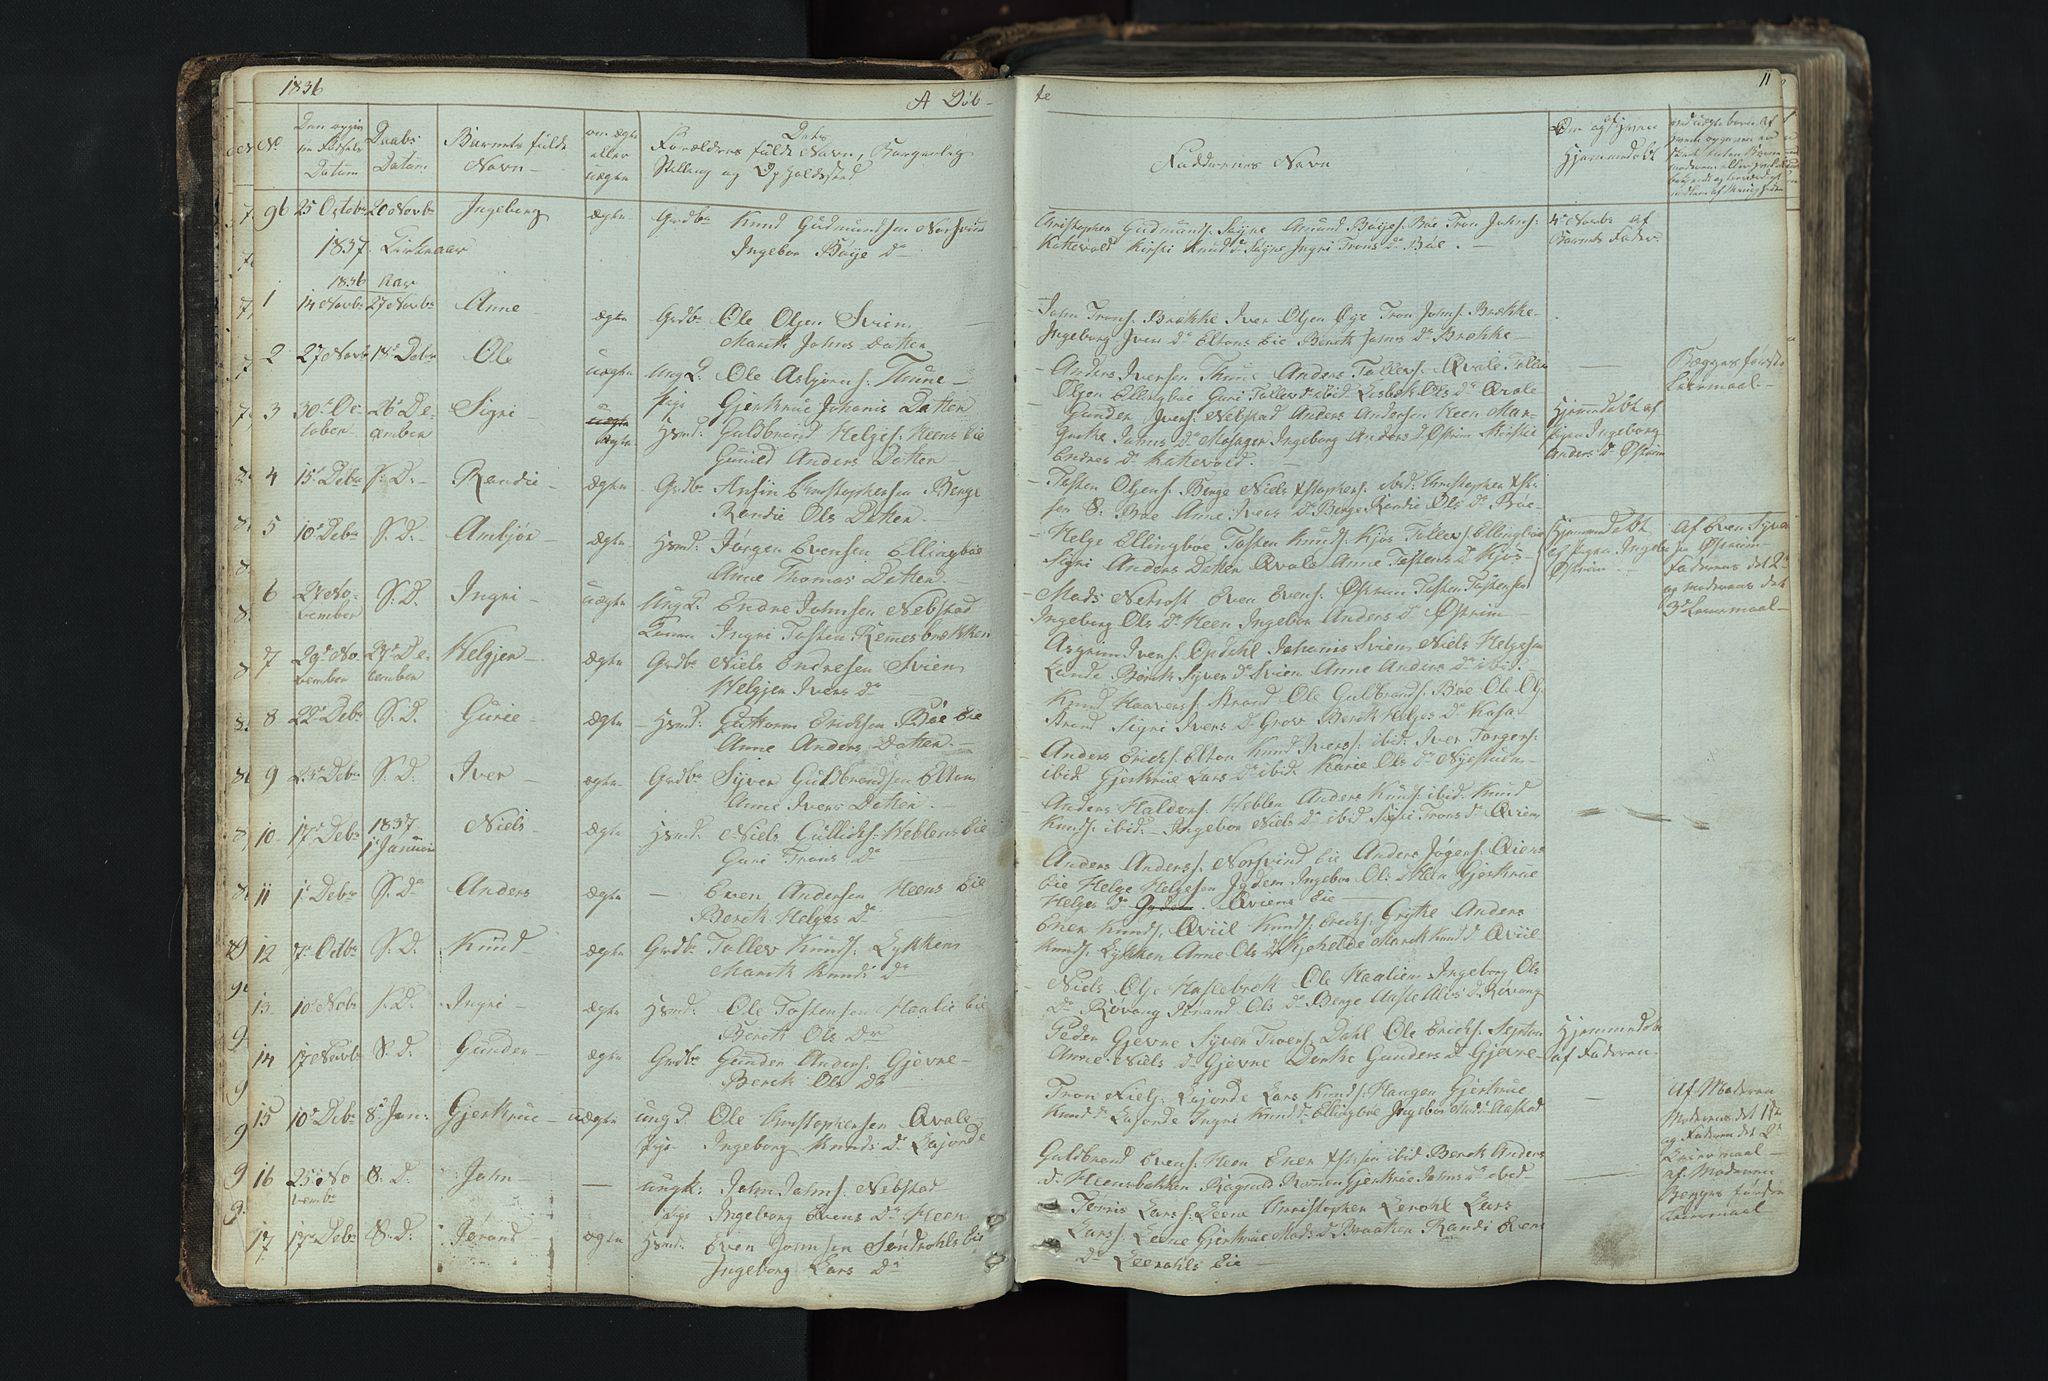 SAH, Vang prestekontor, Valdres, Klokkerbok nr. 4, 1835-1892, s. 11